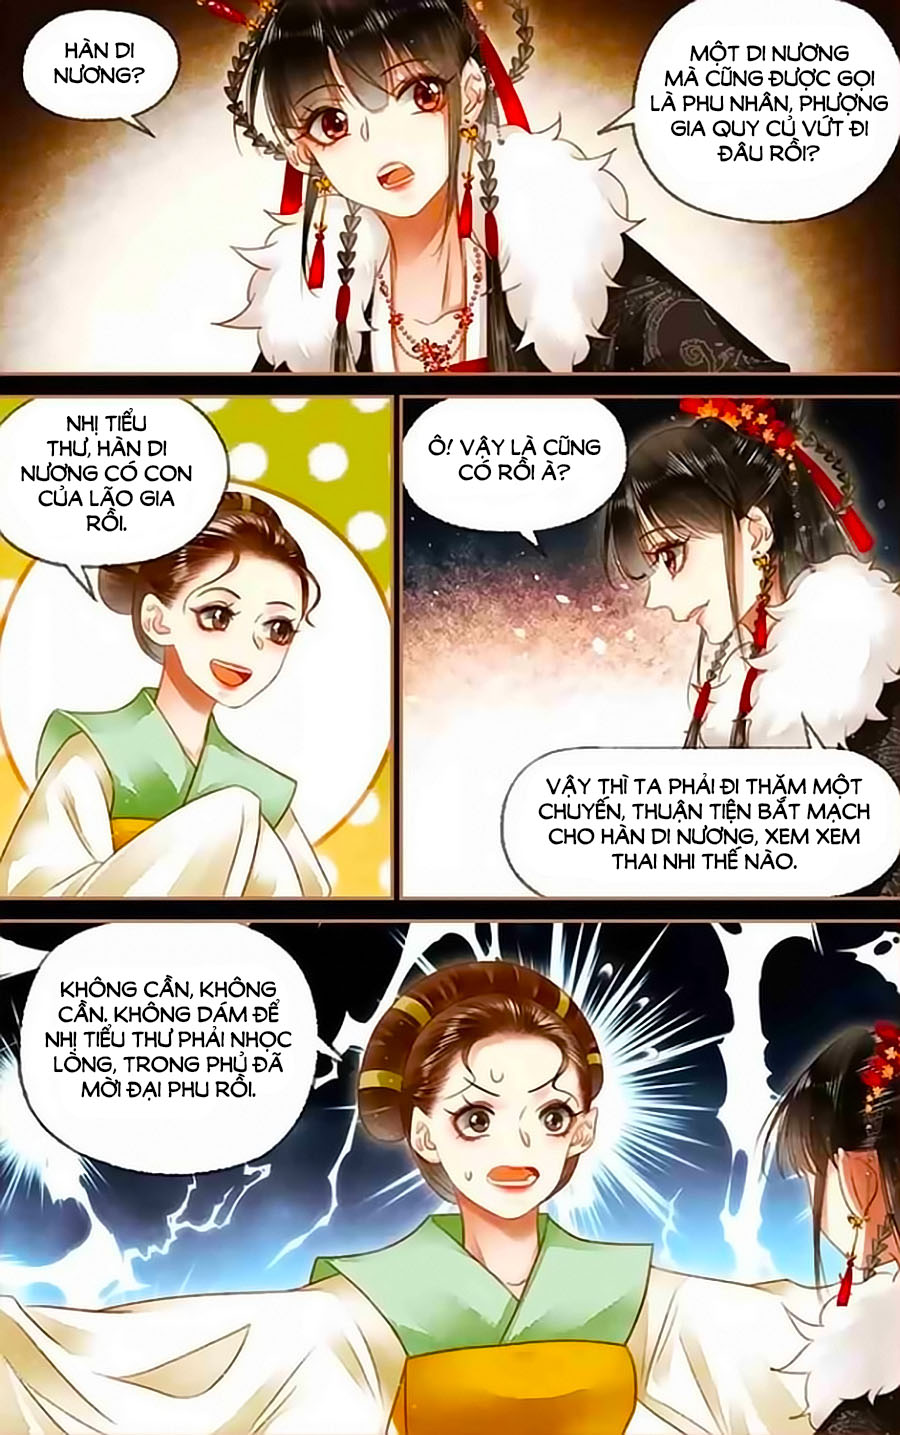 Thần Y Đích Nữ chap 161 - Trang 7